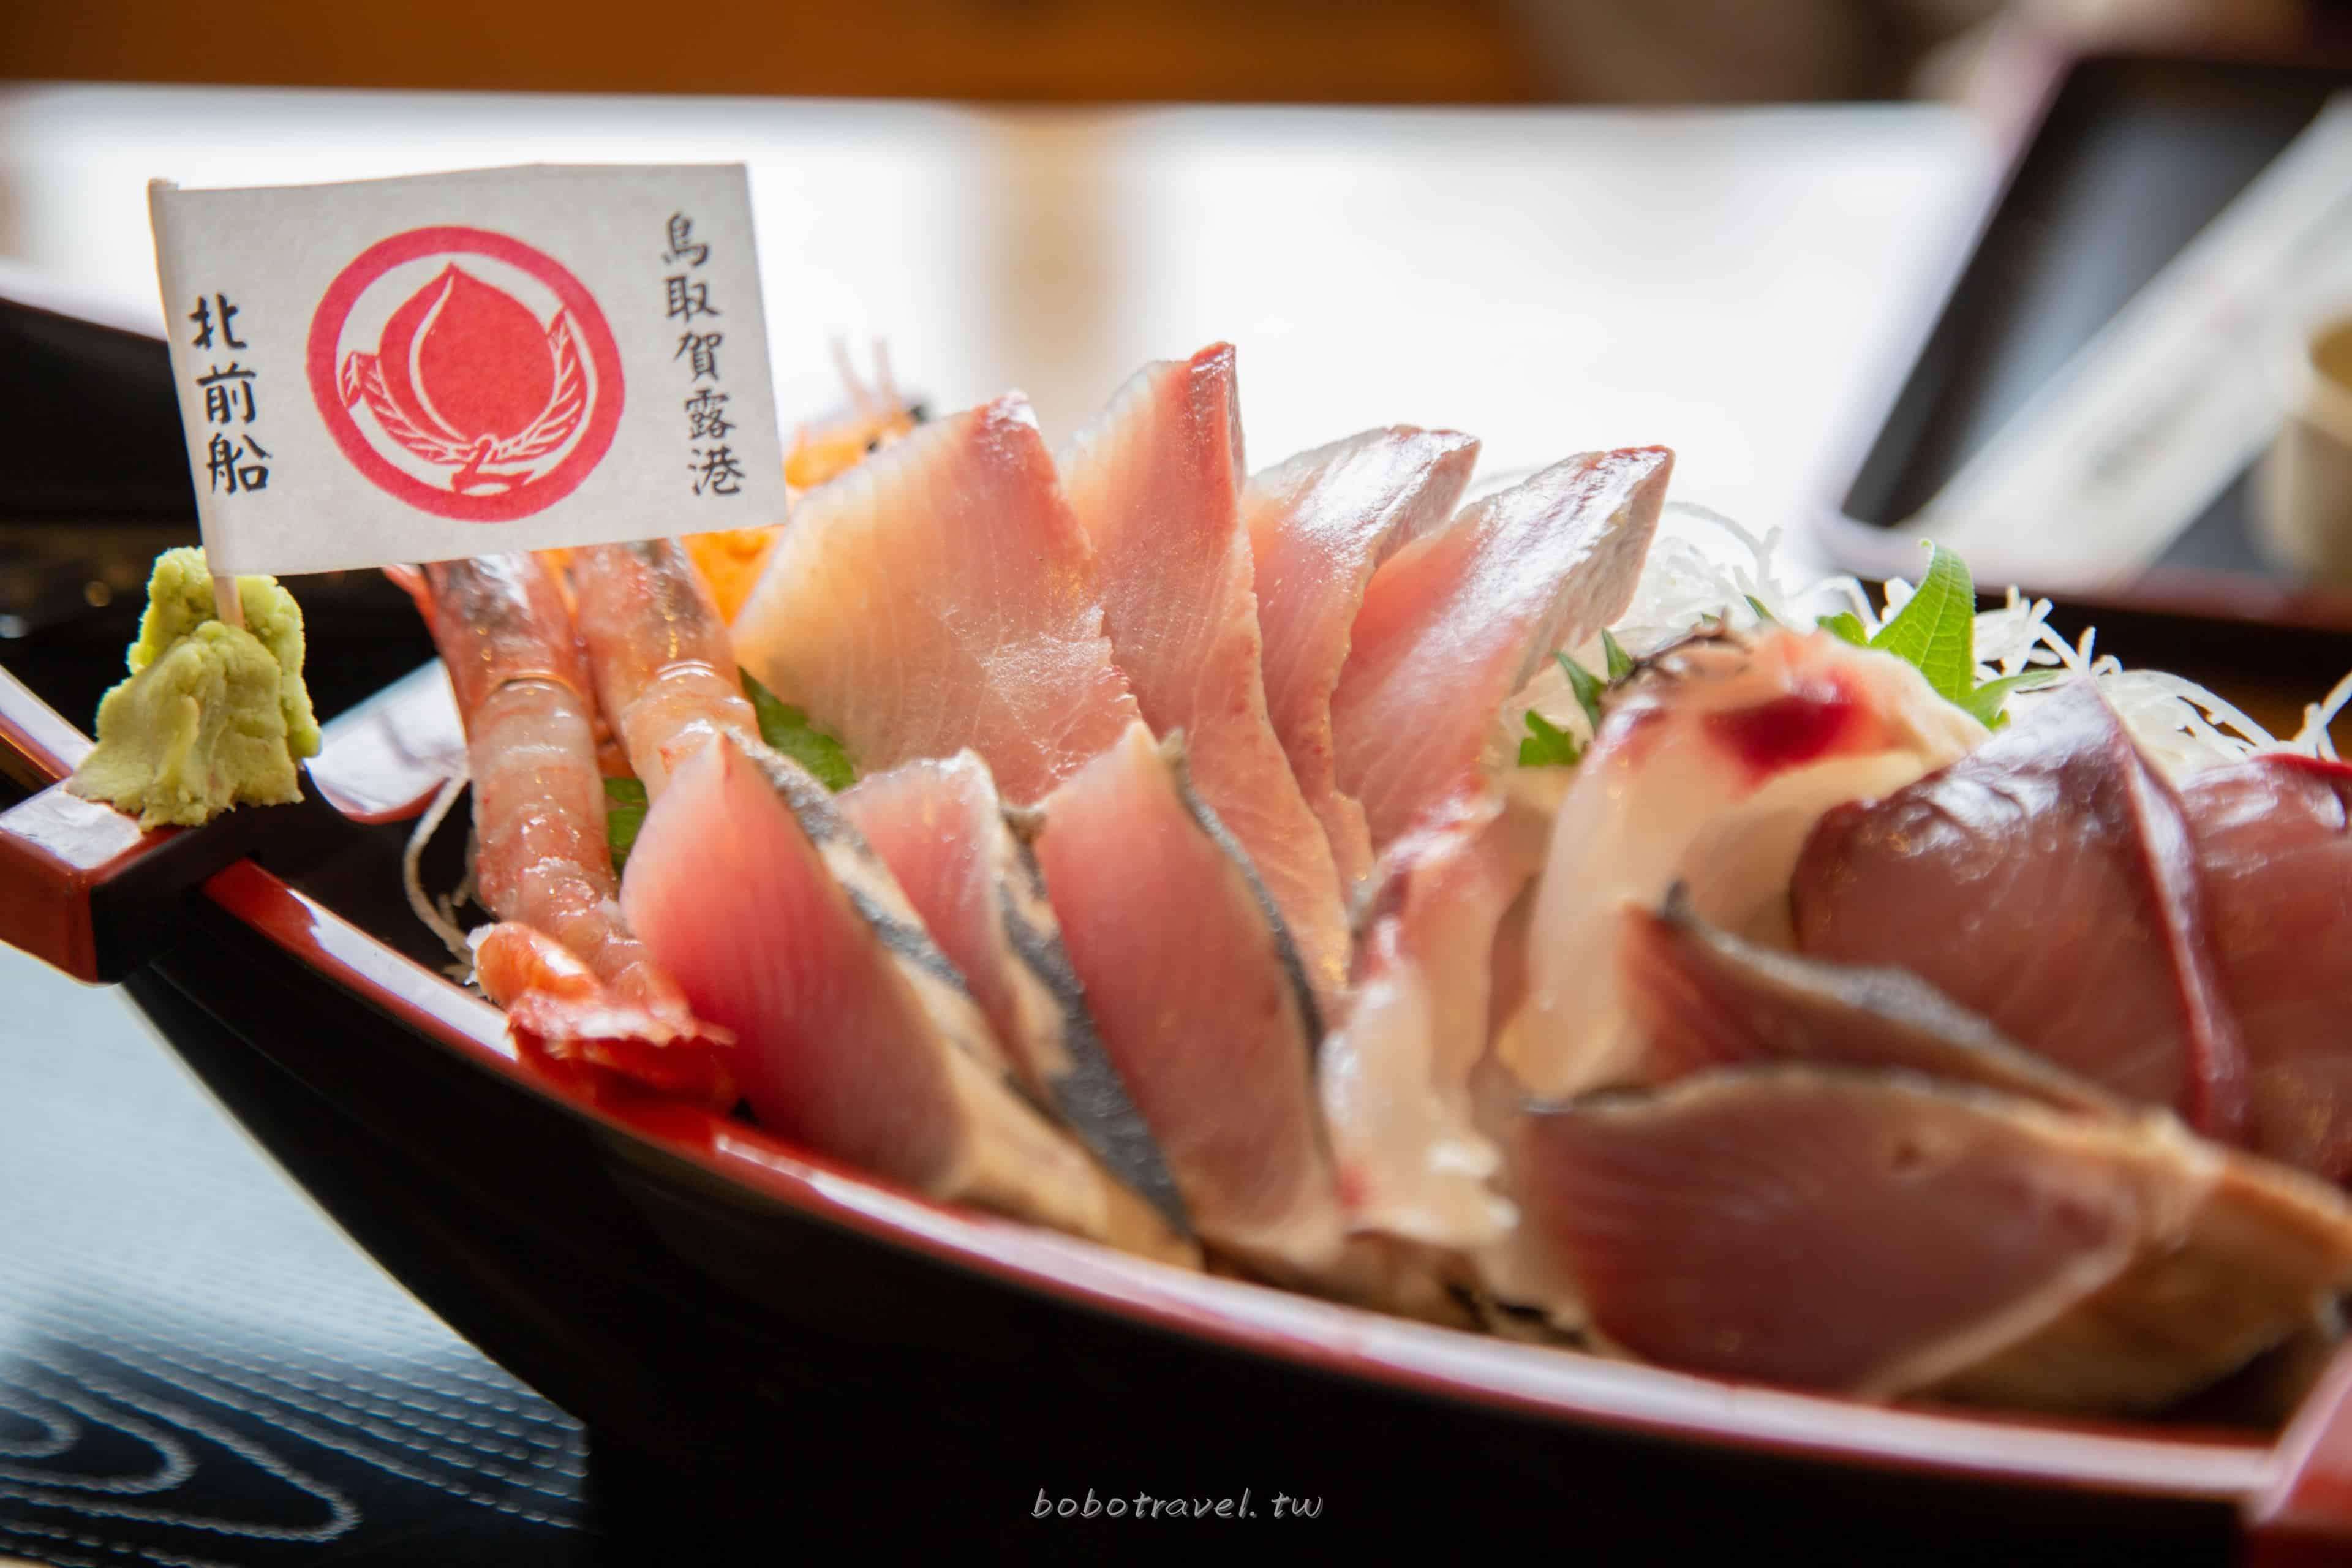 鳥取美食、浜下商店「賀露港・市場食堂」|浮誇生魚片定食只要980日圓!在地人才知道的美味秘密